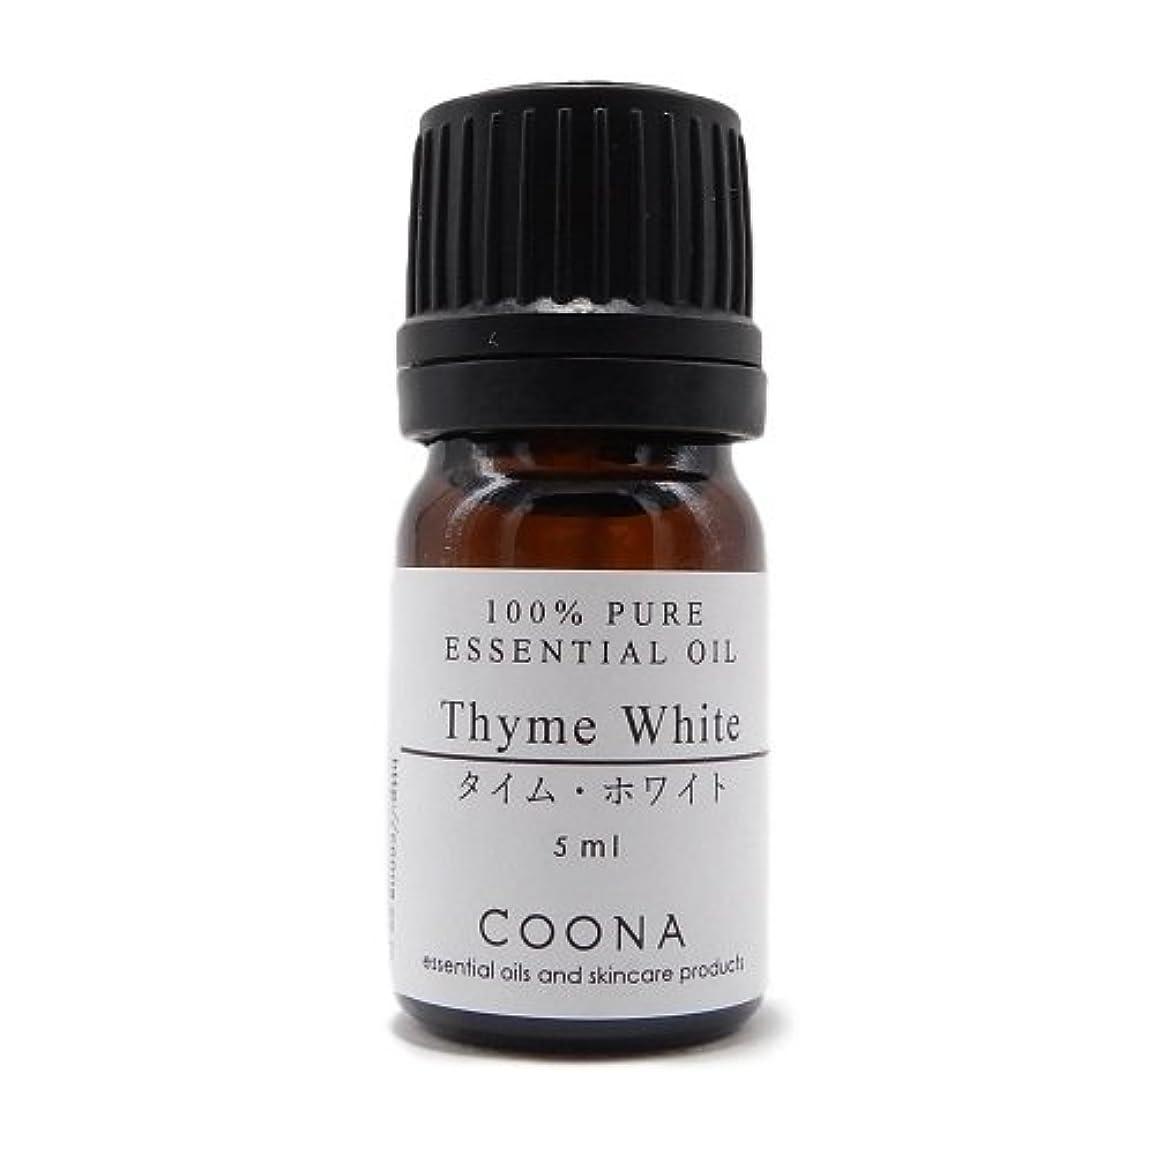 槍密度彼のタイム ホワイト 5 ml (COONA エッセンシャルオイル アロマオイル 100%天然植物精油)